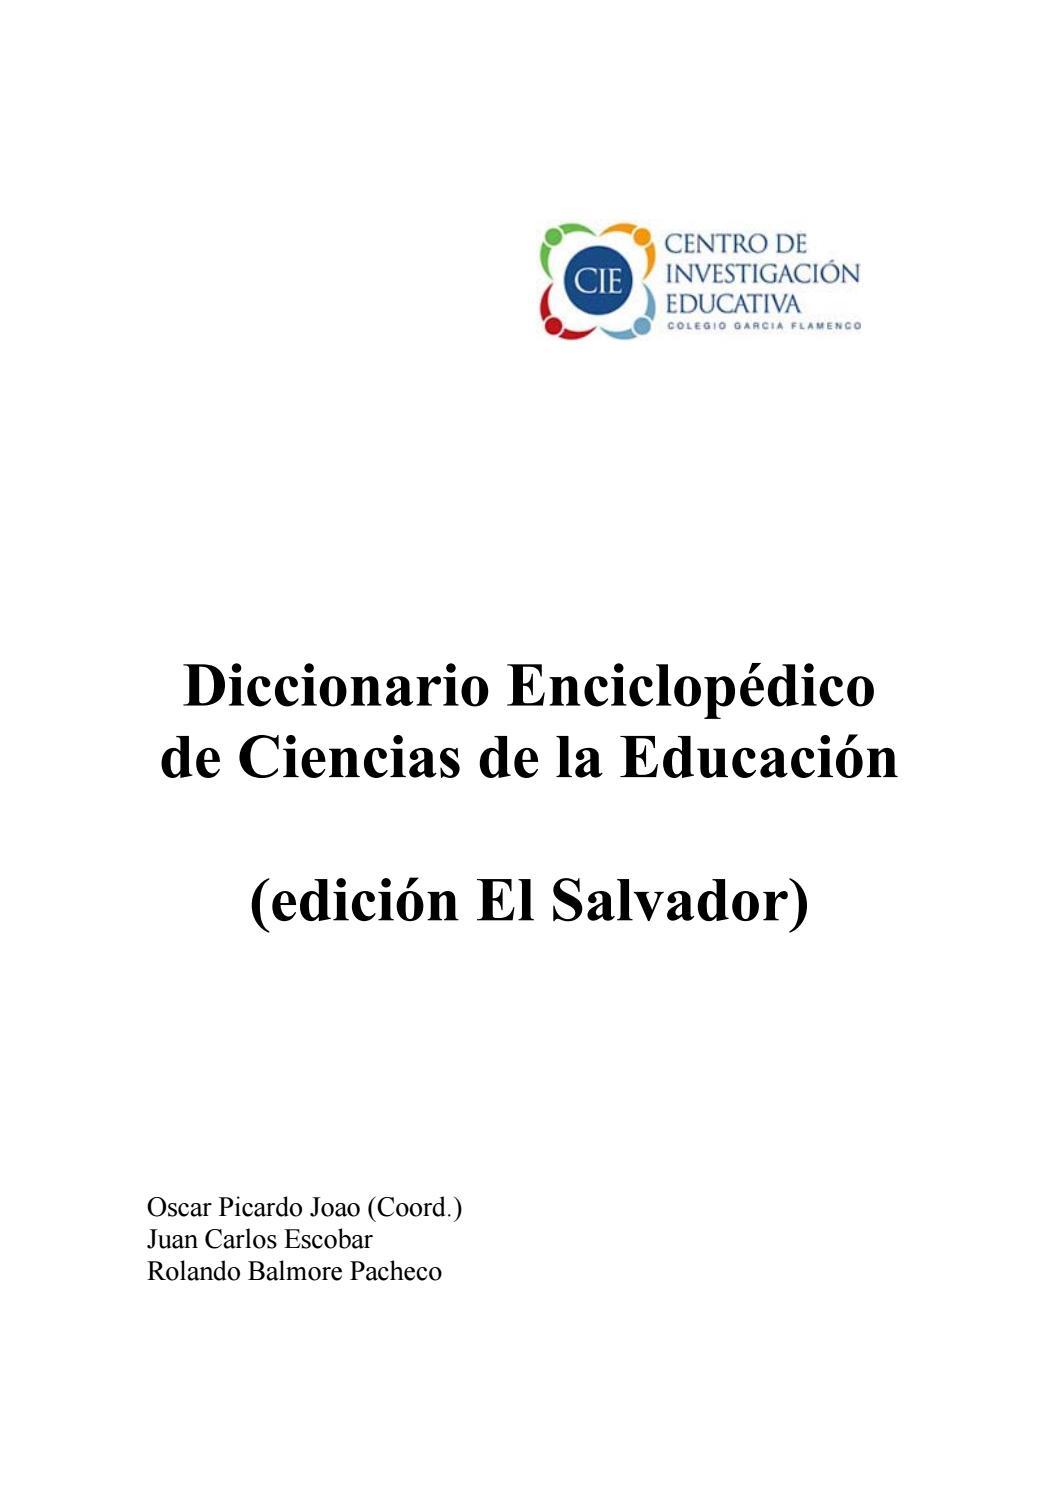 Diccionario enciclopedico de educacion by Roy Guizar - issuu